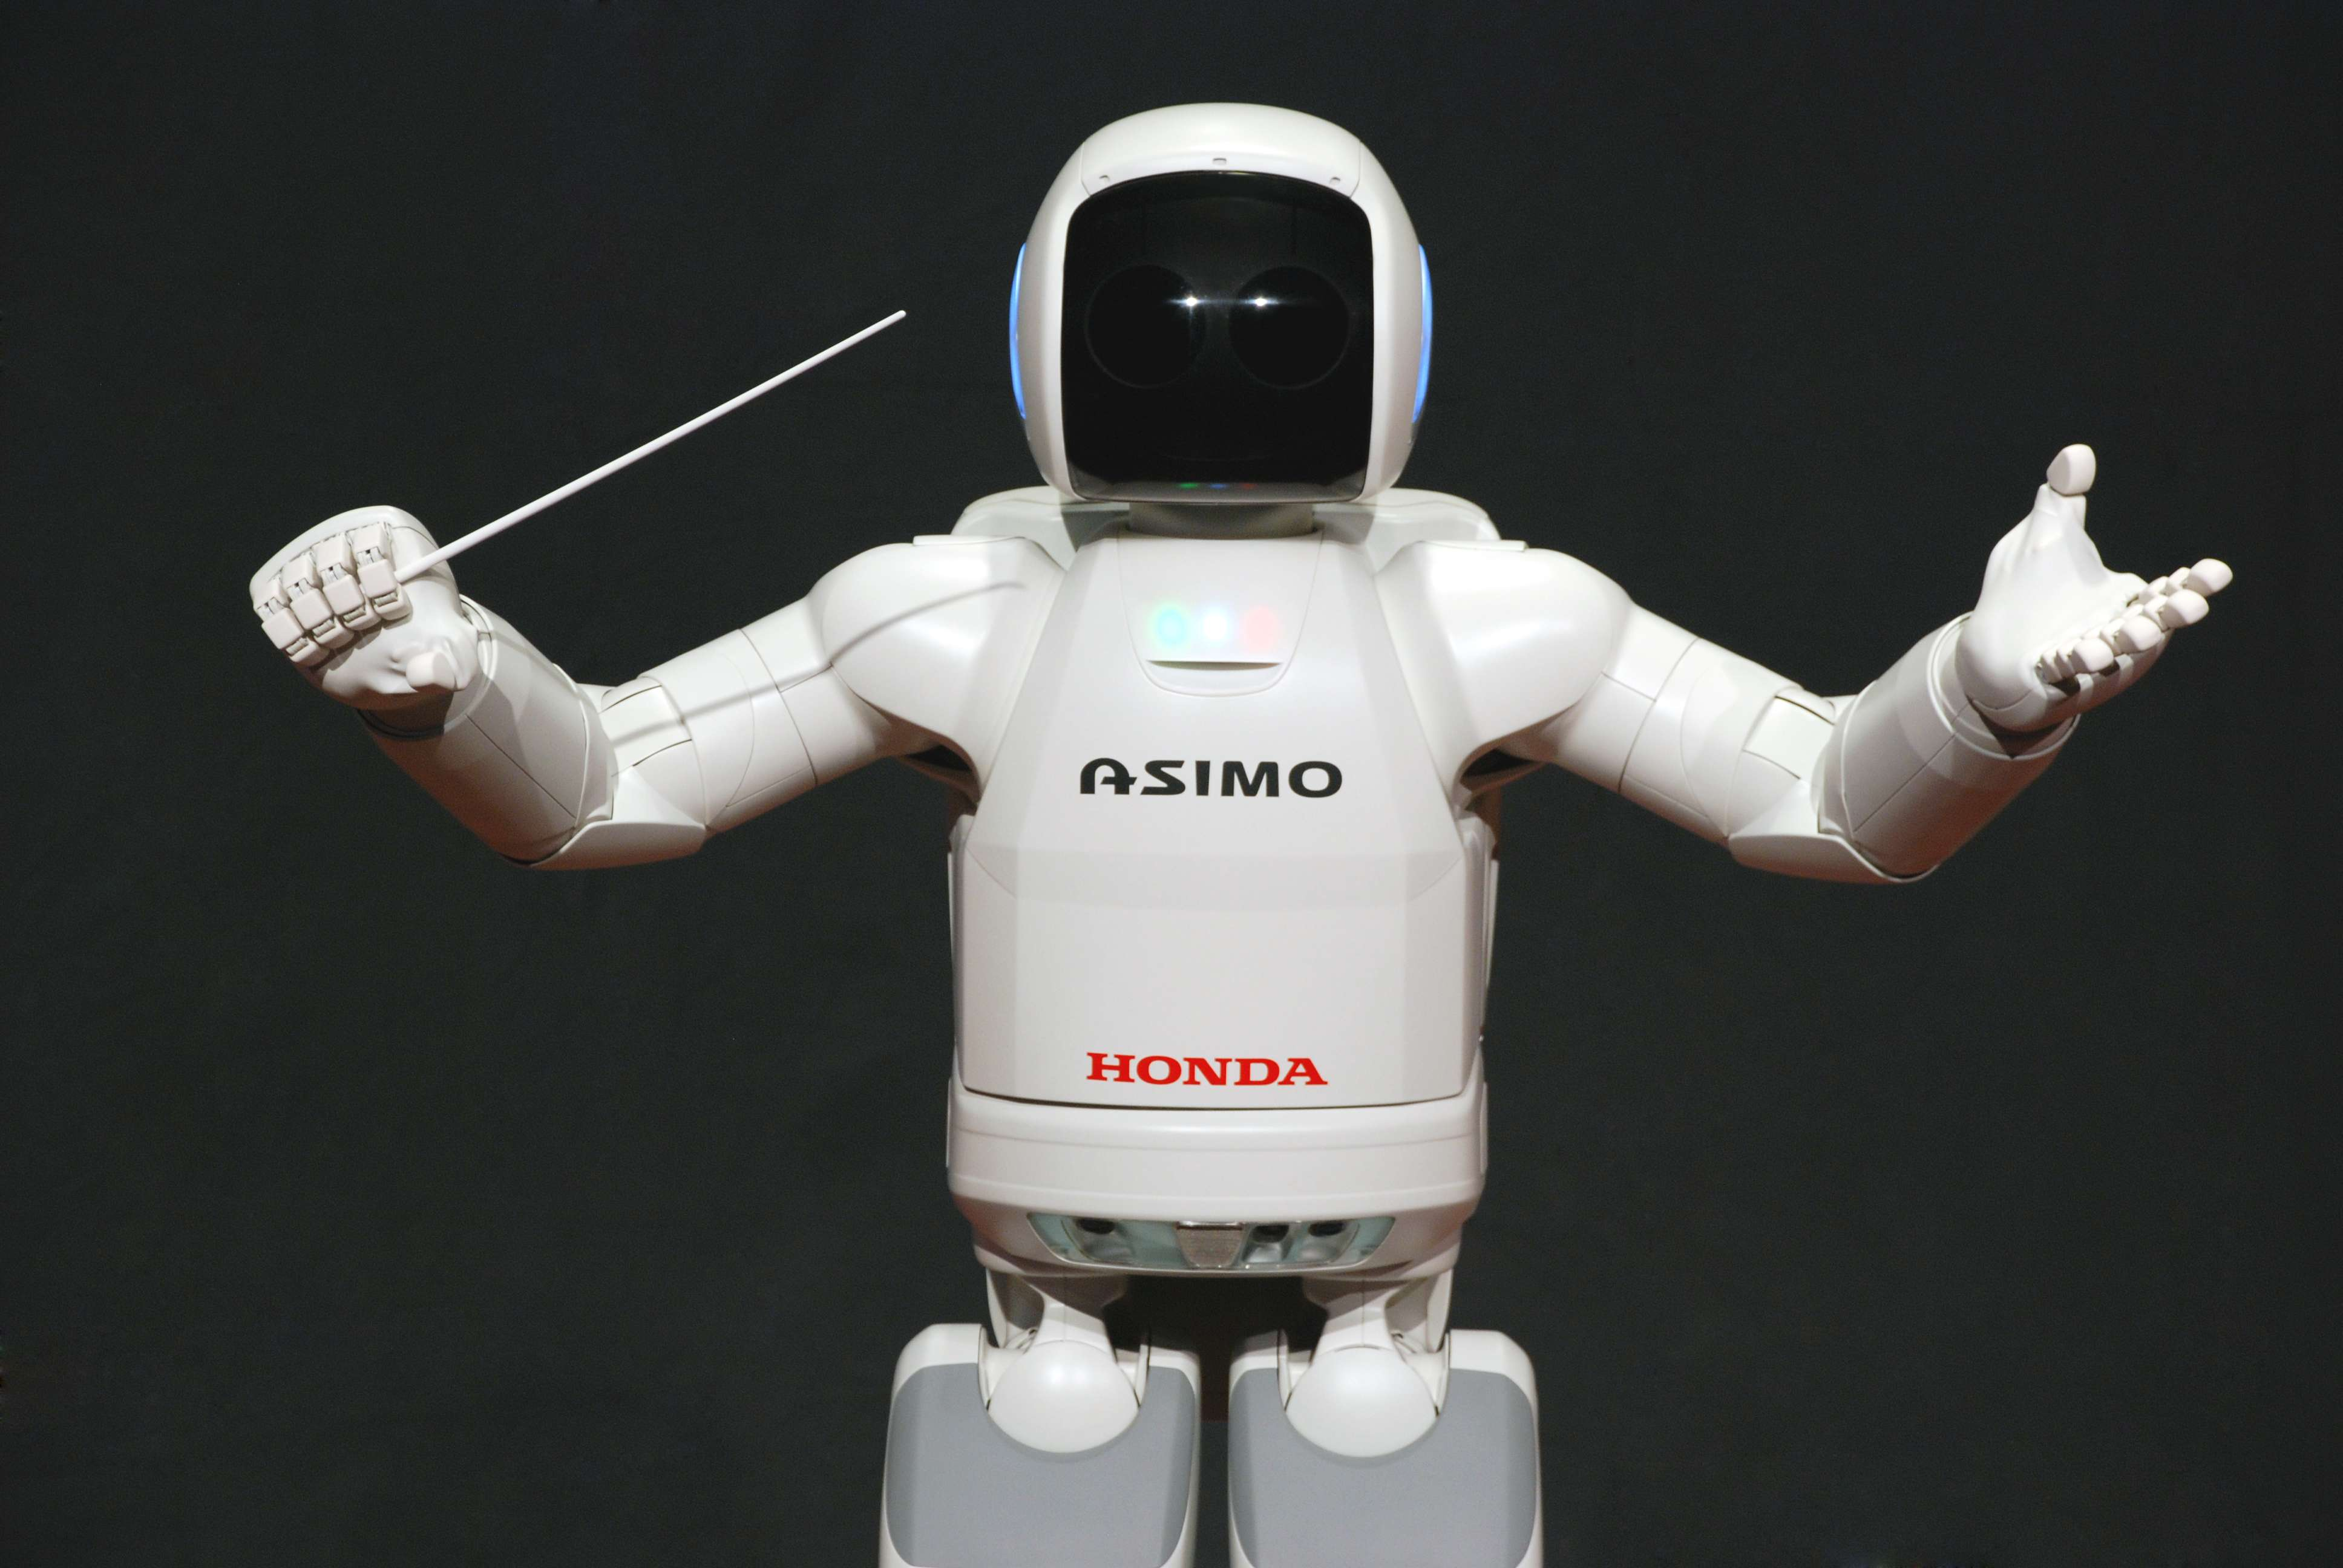 ¿Qué hay detrás del éxito global de Honda? 5 estrategias que han convertido a Honda en una de las empresas más innovadoras del mundo